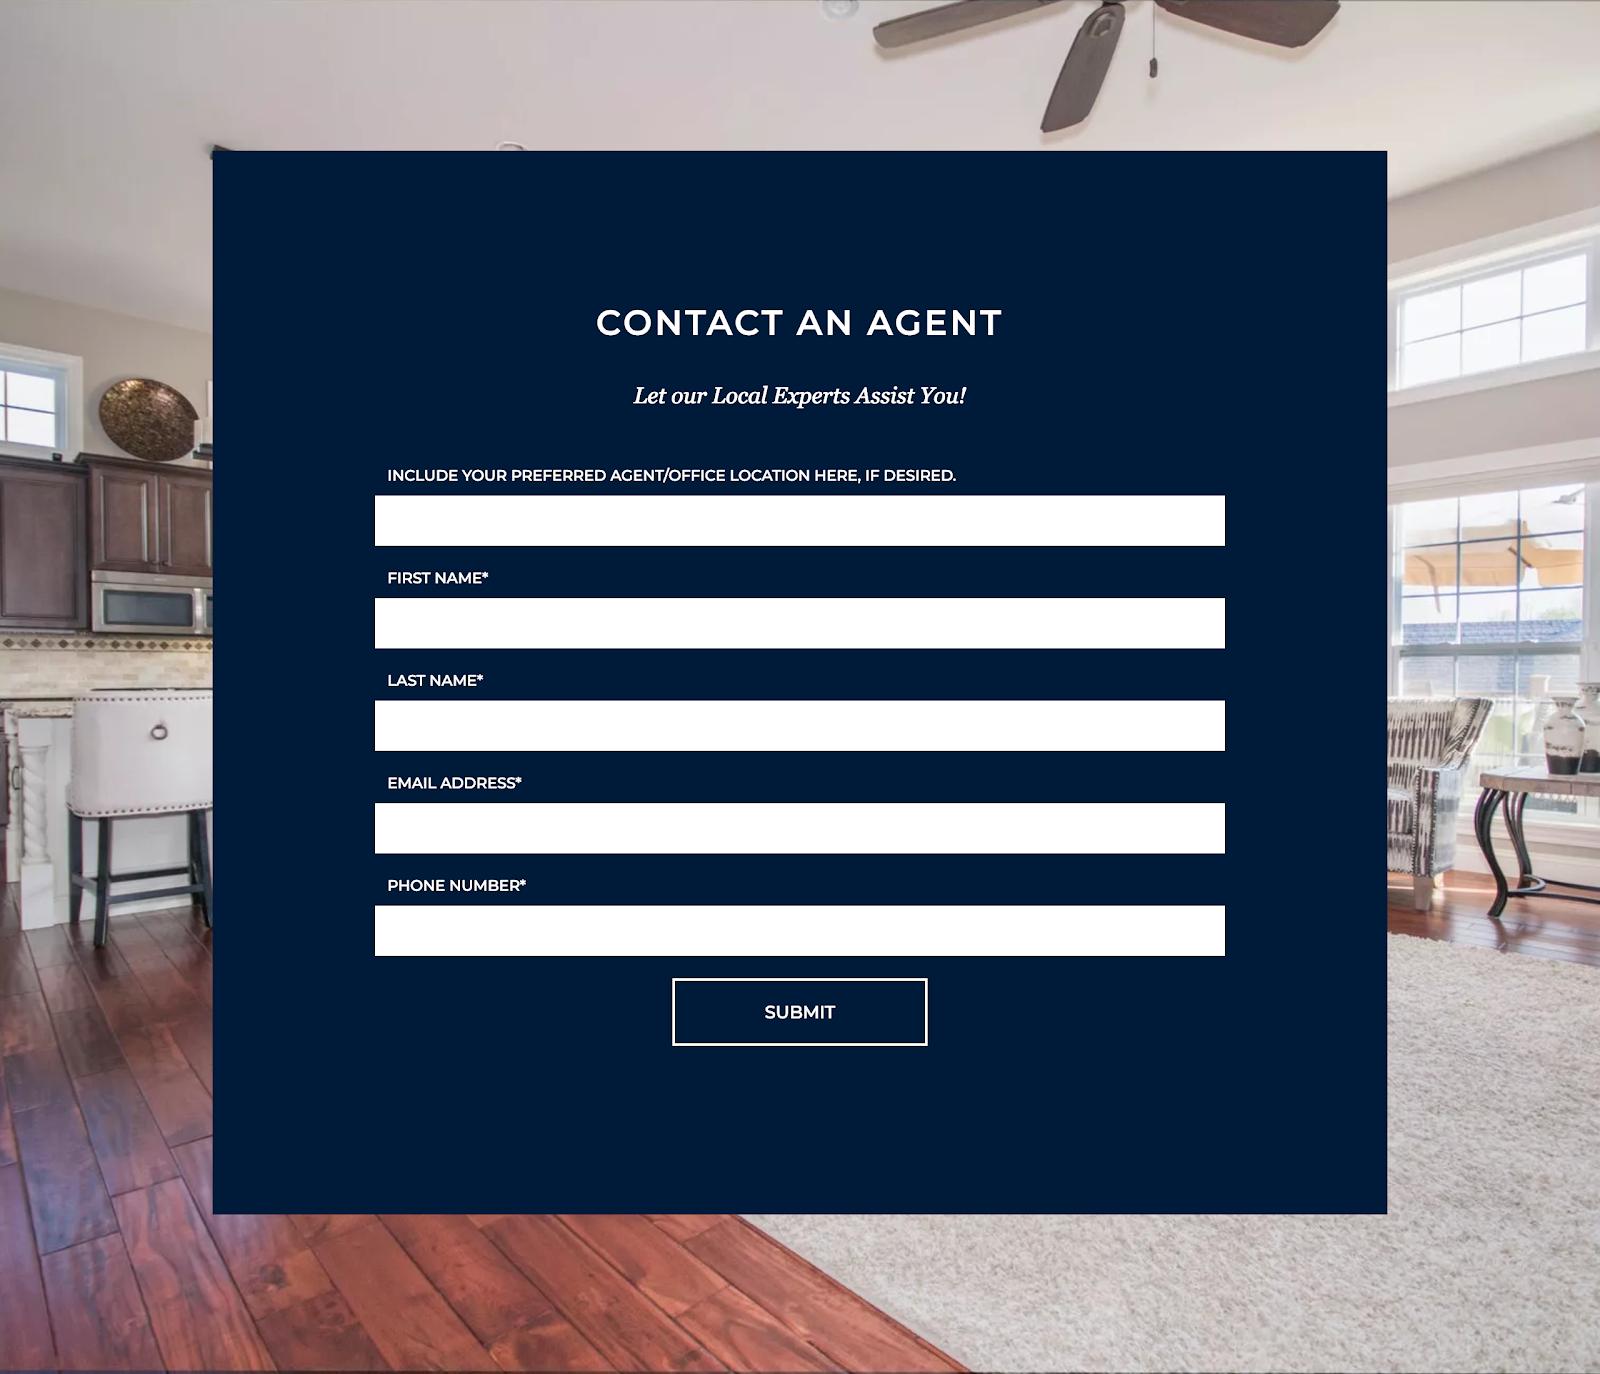 screencapture atokaproperties contact an agent 2019 03 20 10 22 30